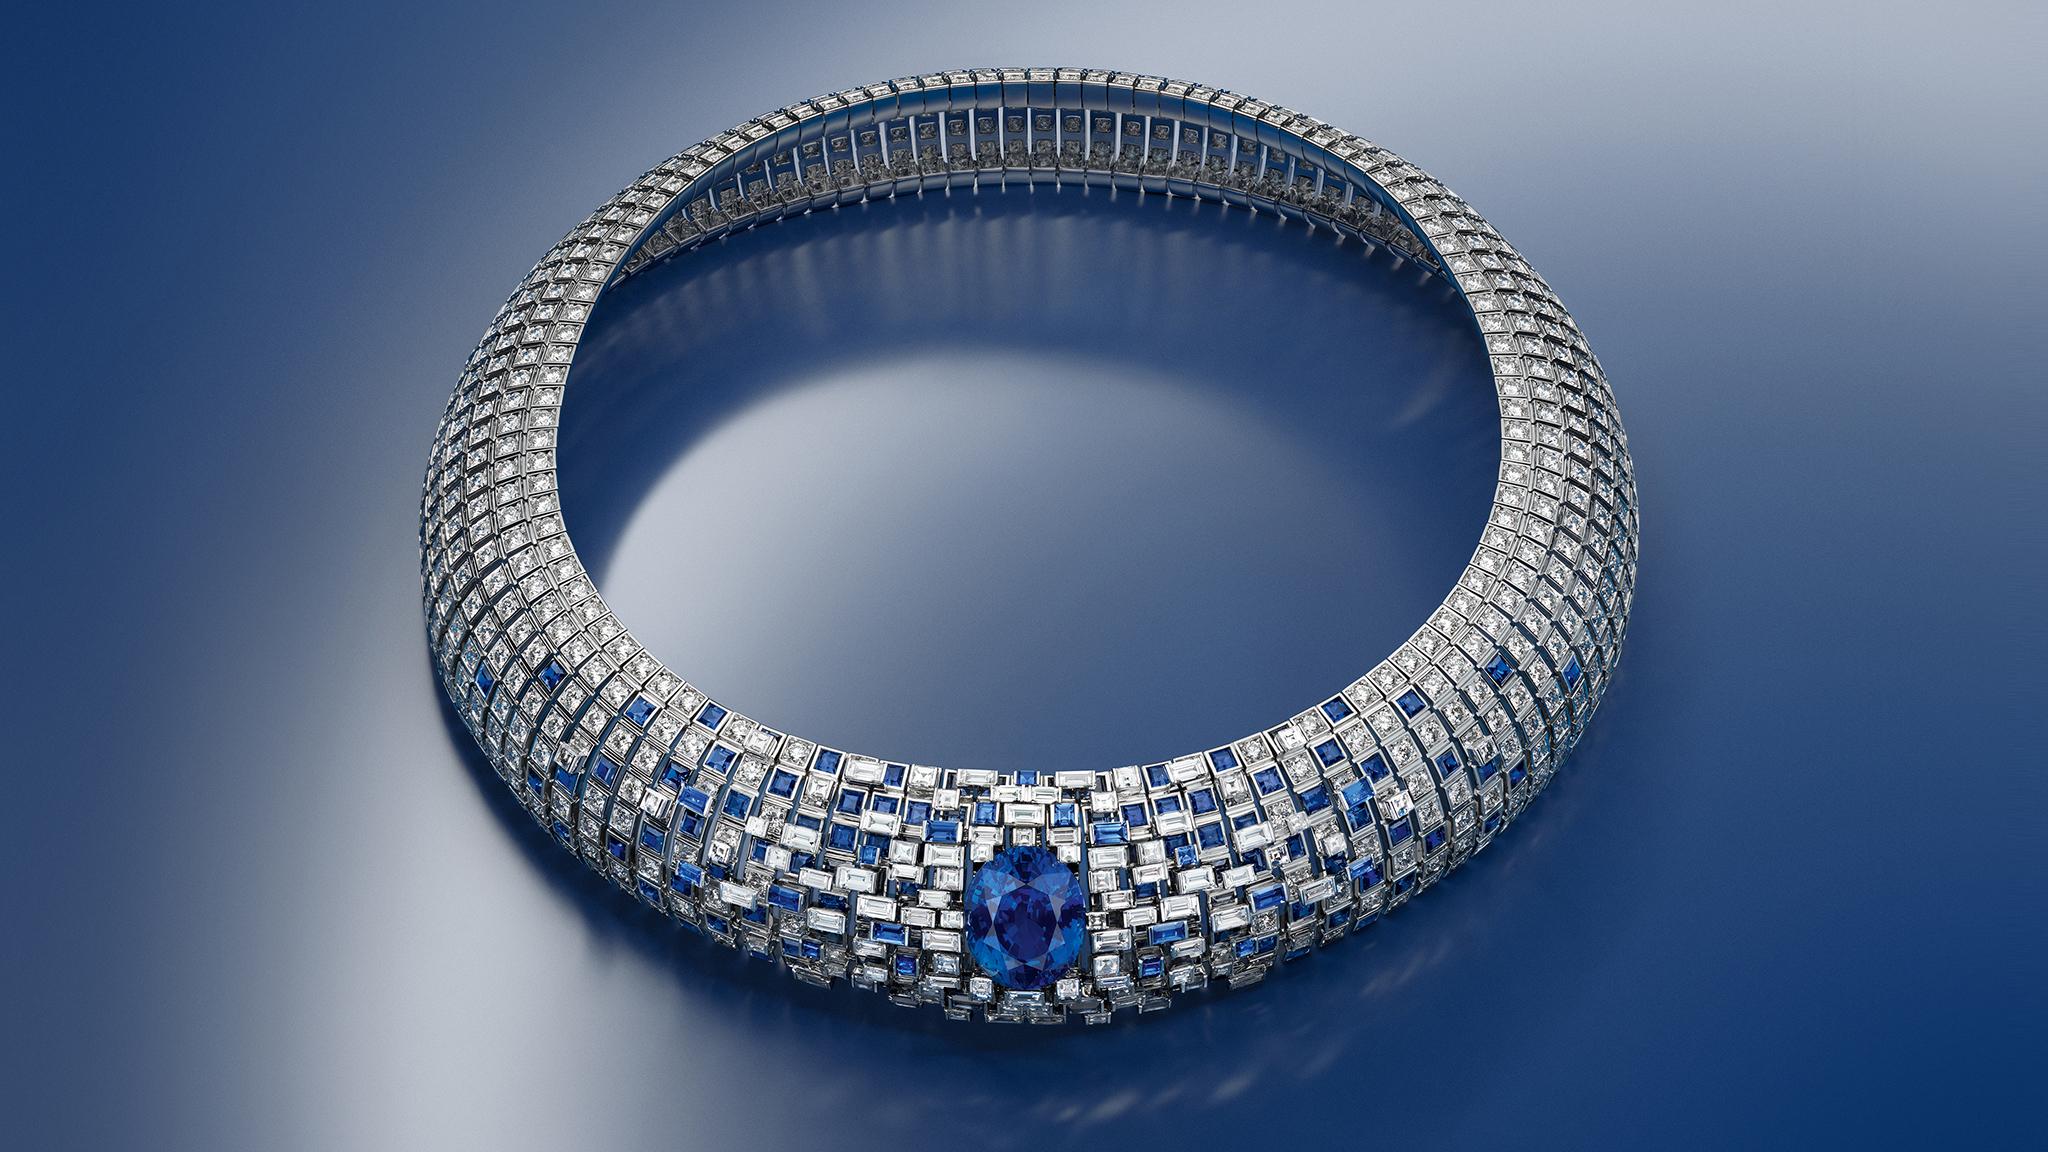 Louis Vuitton's Lune Bleue necklace